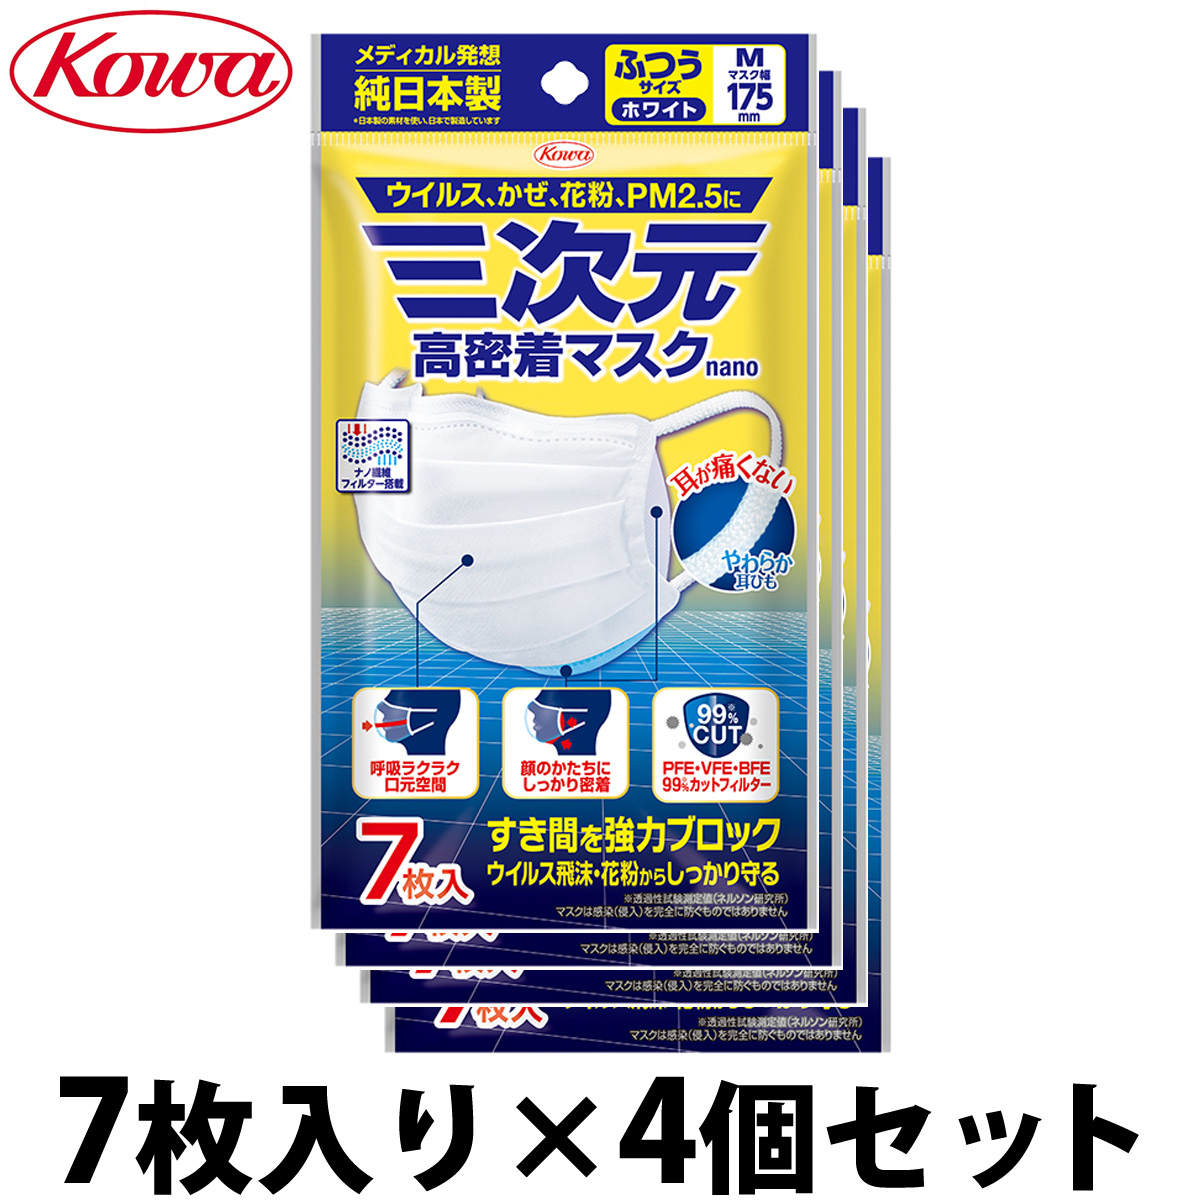 三次元 高密着マスク ナノ ふつう Mサイズ 100枚 5枚入り×20個セット Kowa 興和 日本製 耳が痛くならない 大人用 ホワイト コーワ 抗菌 使い捨て サージカルマスク 花粉症対策 インフルエンザ